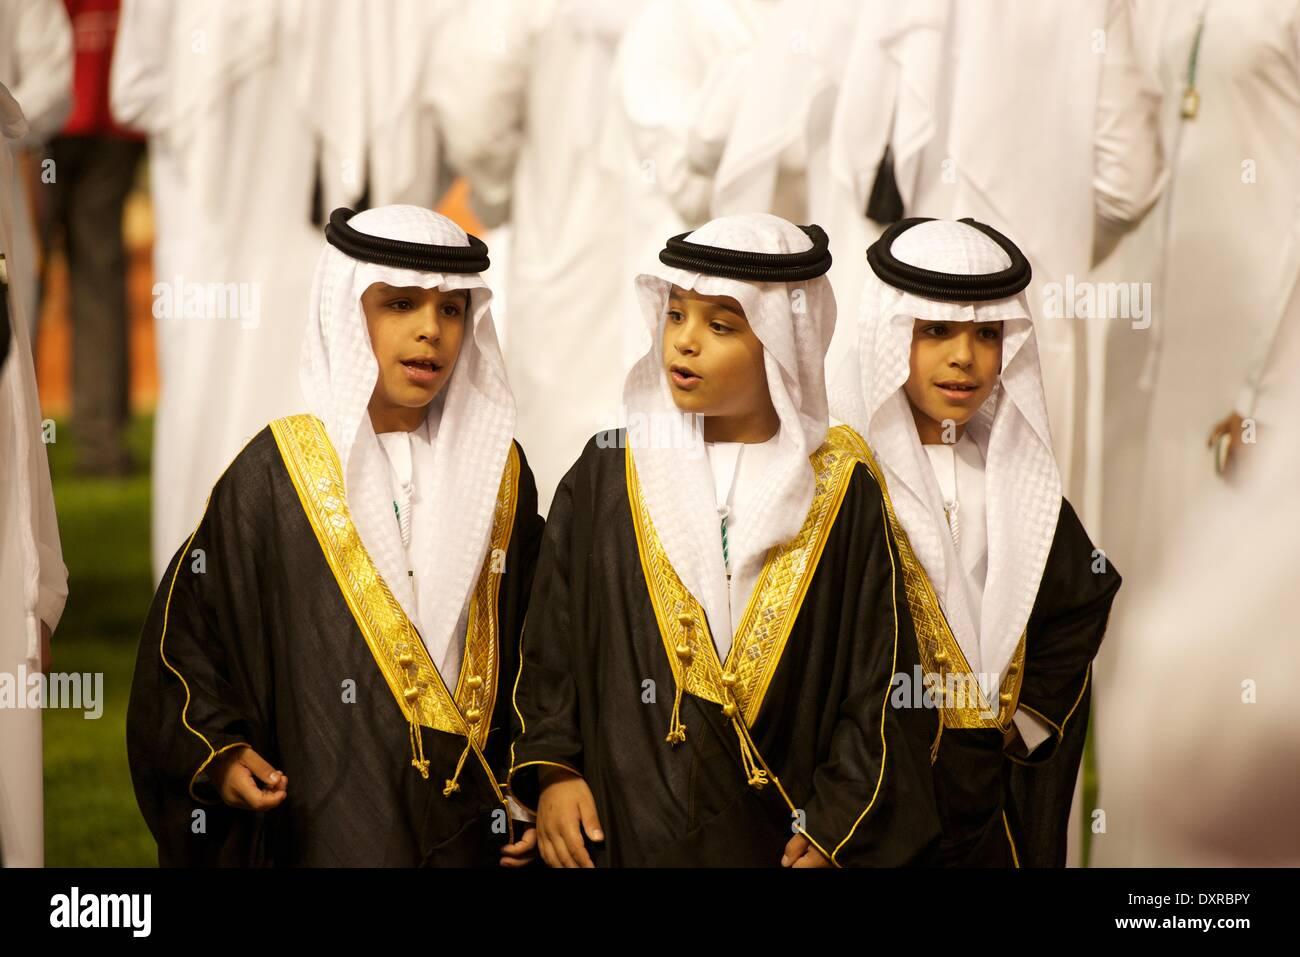 Meydan Racecourse, Dubai, EAU. 29 marzo, 2014. Tre giovani princes salutare i piloti che entrano nella parade ring durante il Dubai World Cup Credito: Tom Morgan/Alamy Live News Immagini Stock